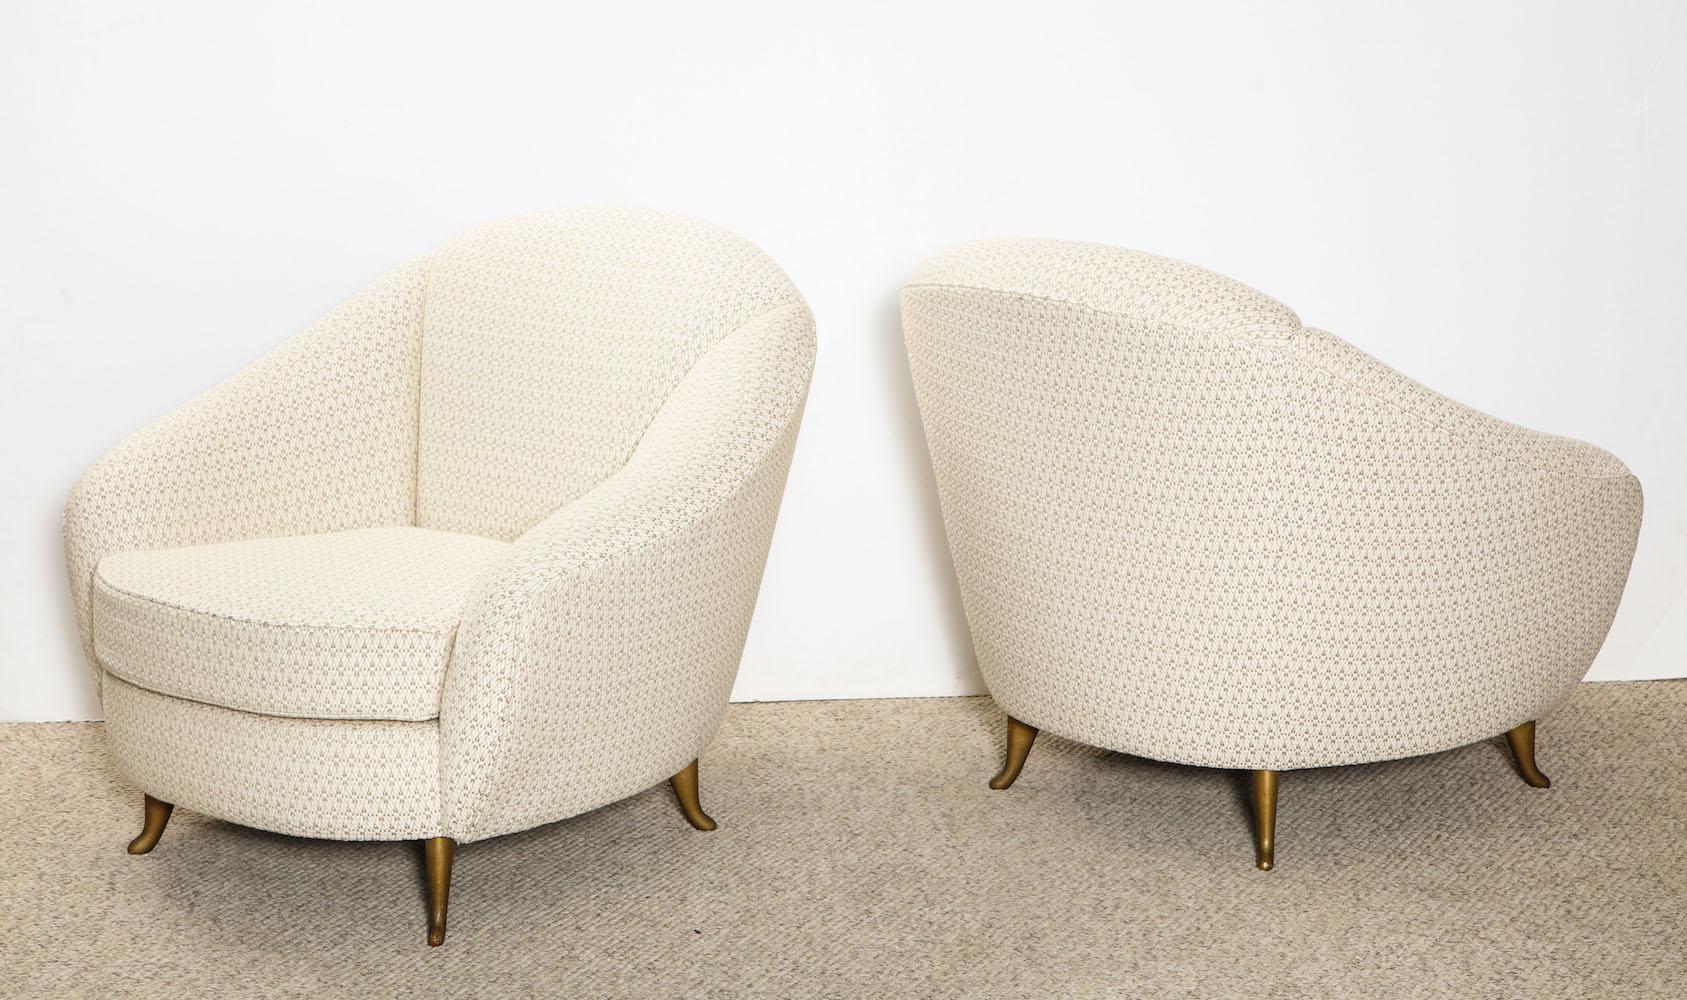 Ponti ISA Chairs 4.jpg